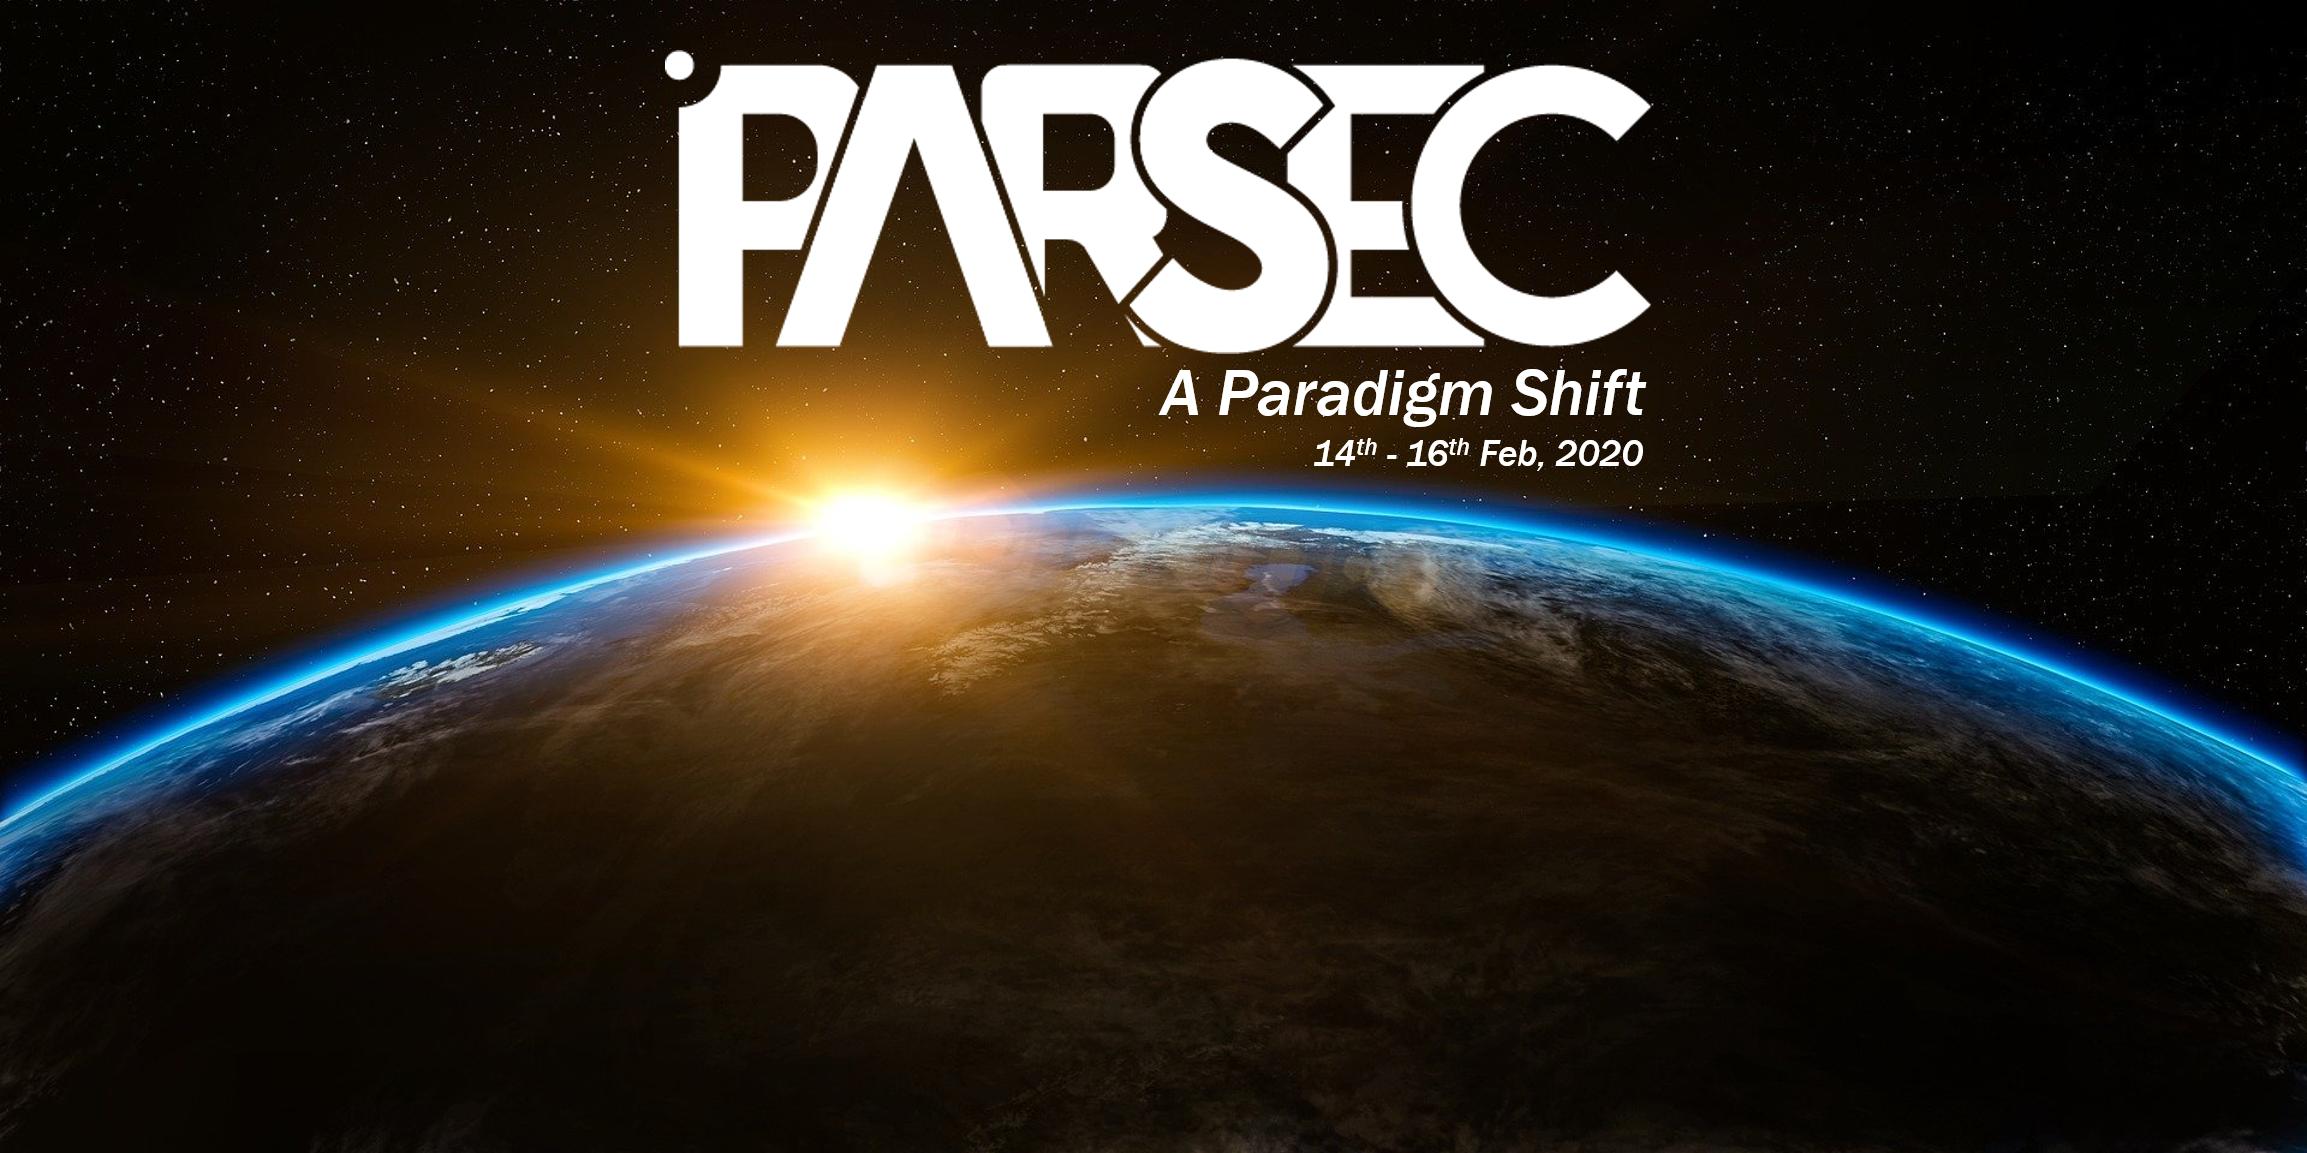 parsec2020